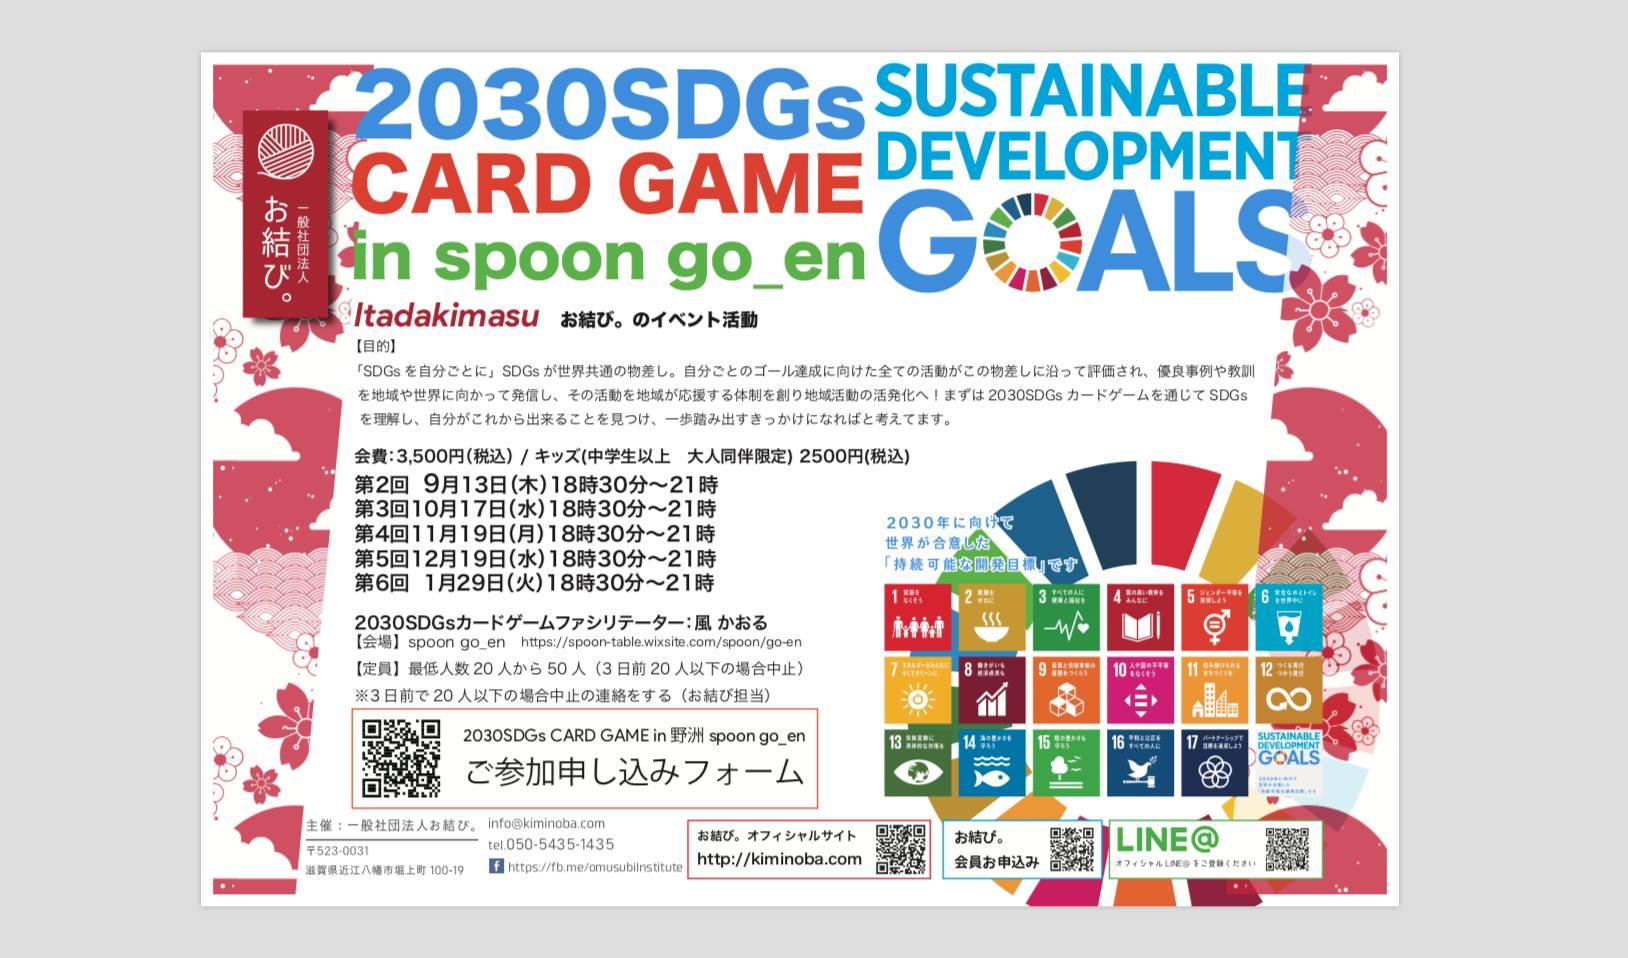 第4回 2030SDGsカードゲーム in野洲spoon go_en